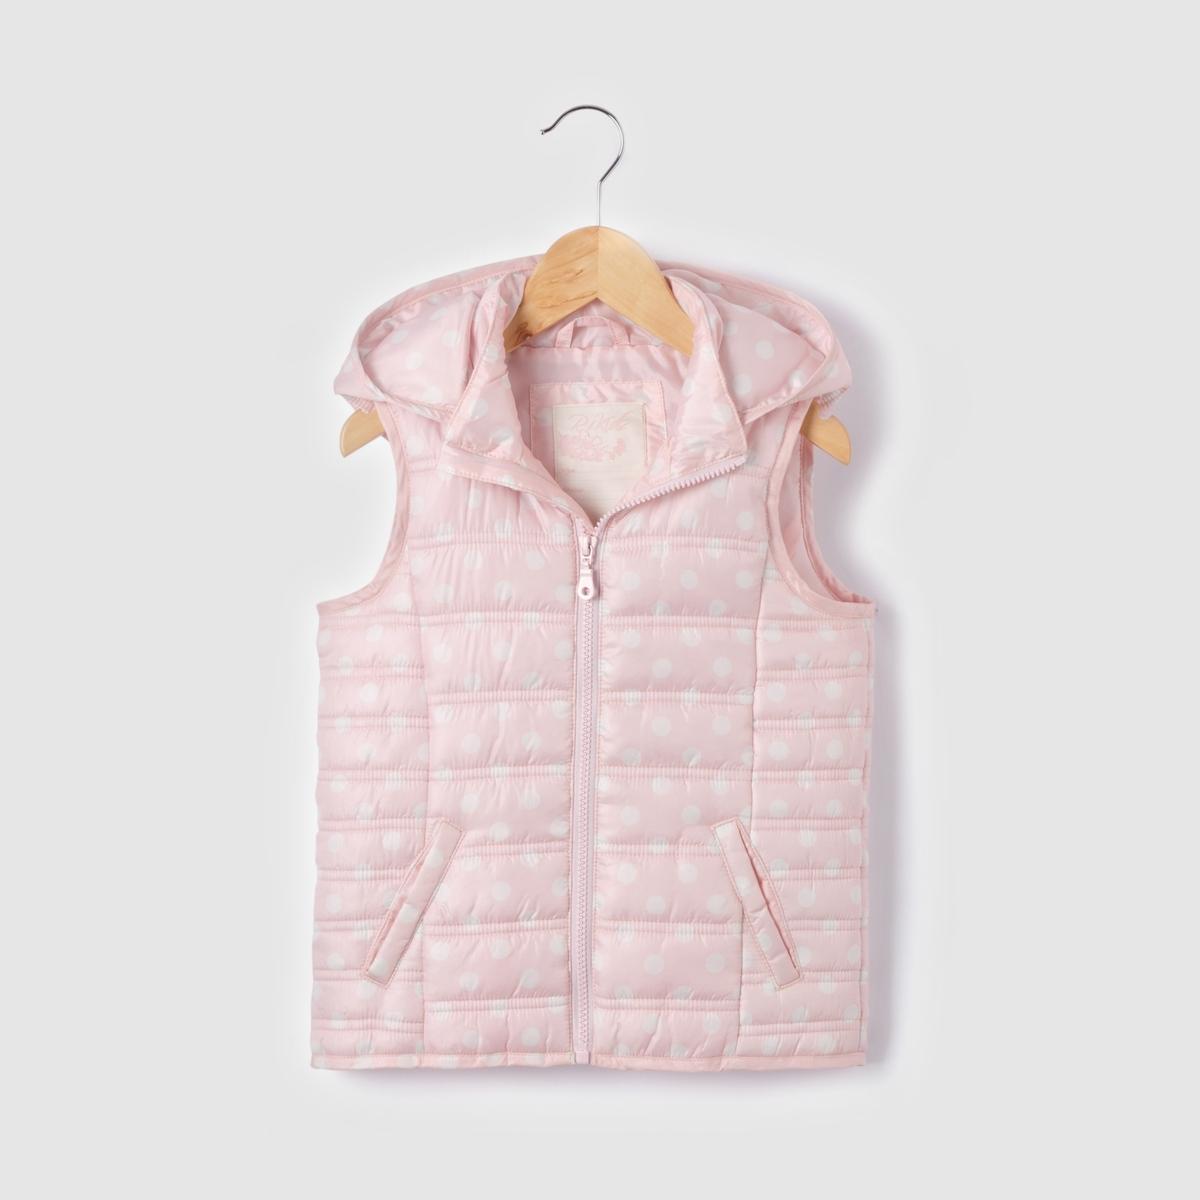 Куртка стеганая с рисунком в горошек, без рукавов, с капюшоном,  3-12 ansКуртка стеганая на ватине с рисунком в горошек. Без рукавов  . Застежка на молнию.  Съемный капюшон с планкой на молнии . 2 кармана. Состав и детали  : Материал 100% полиэстера Подкладка: 100% полиэстераМарка: LES PETITS PRIXУход :Машинная стирка при  30° с вещами подобных цветов.Машинная сушка на умеренном режиме.Гладить на низкой температуре.<br><br>Цвет: набивной рисунок